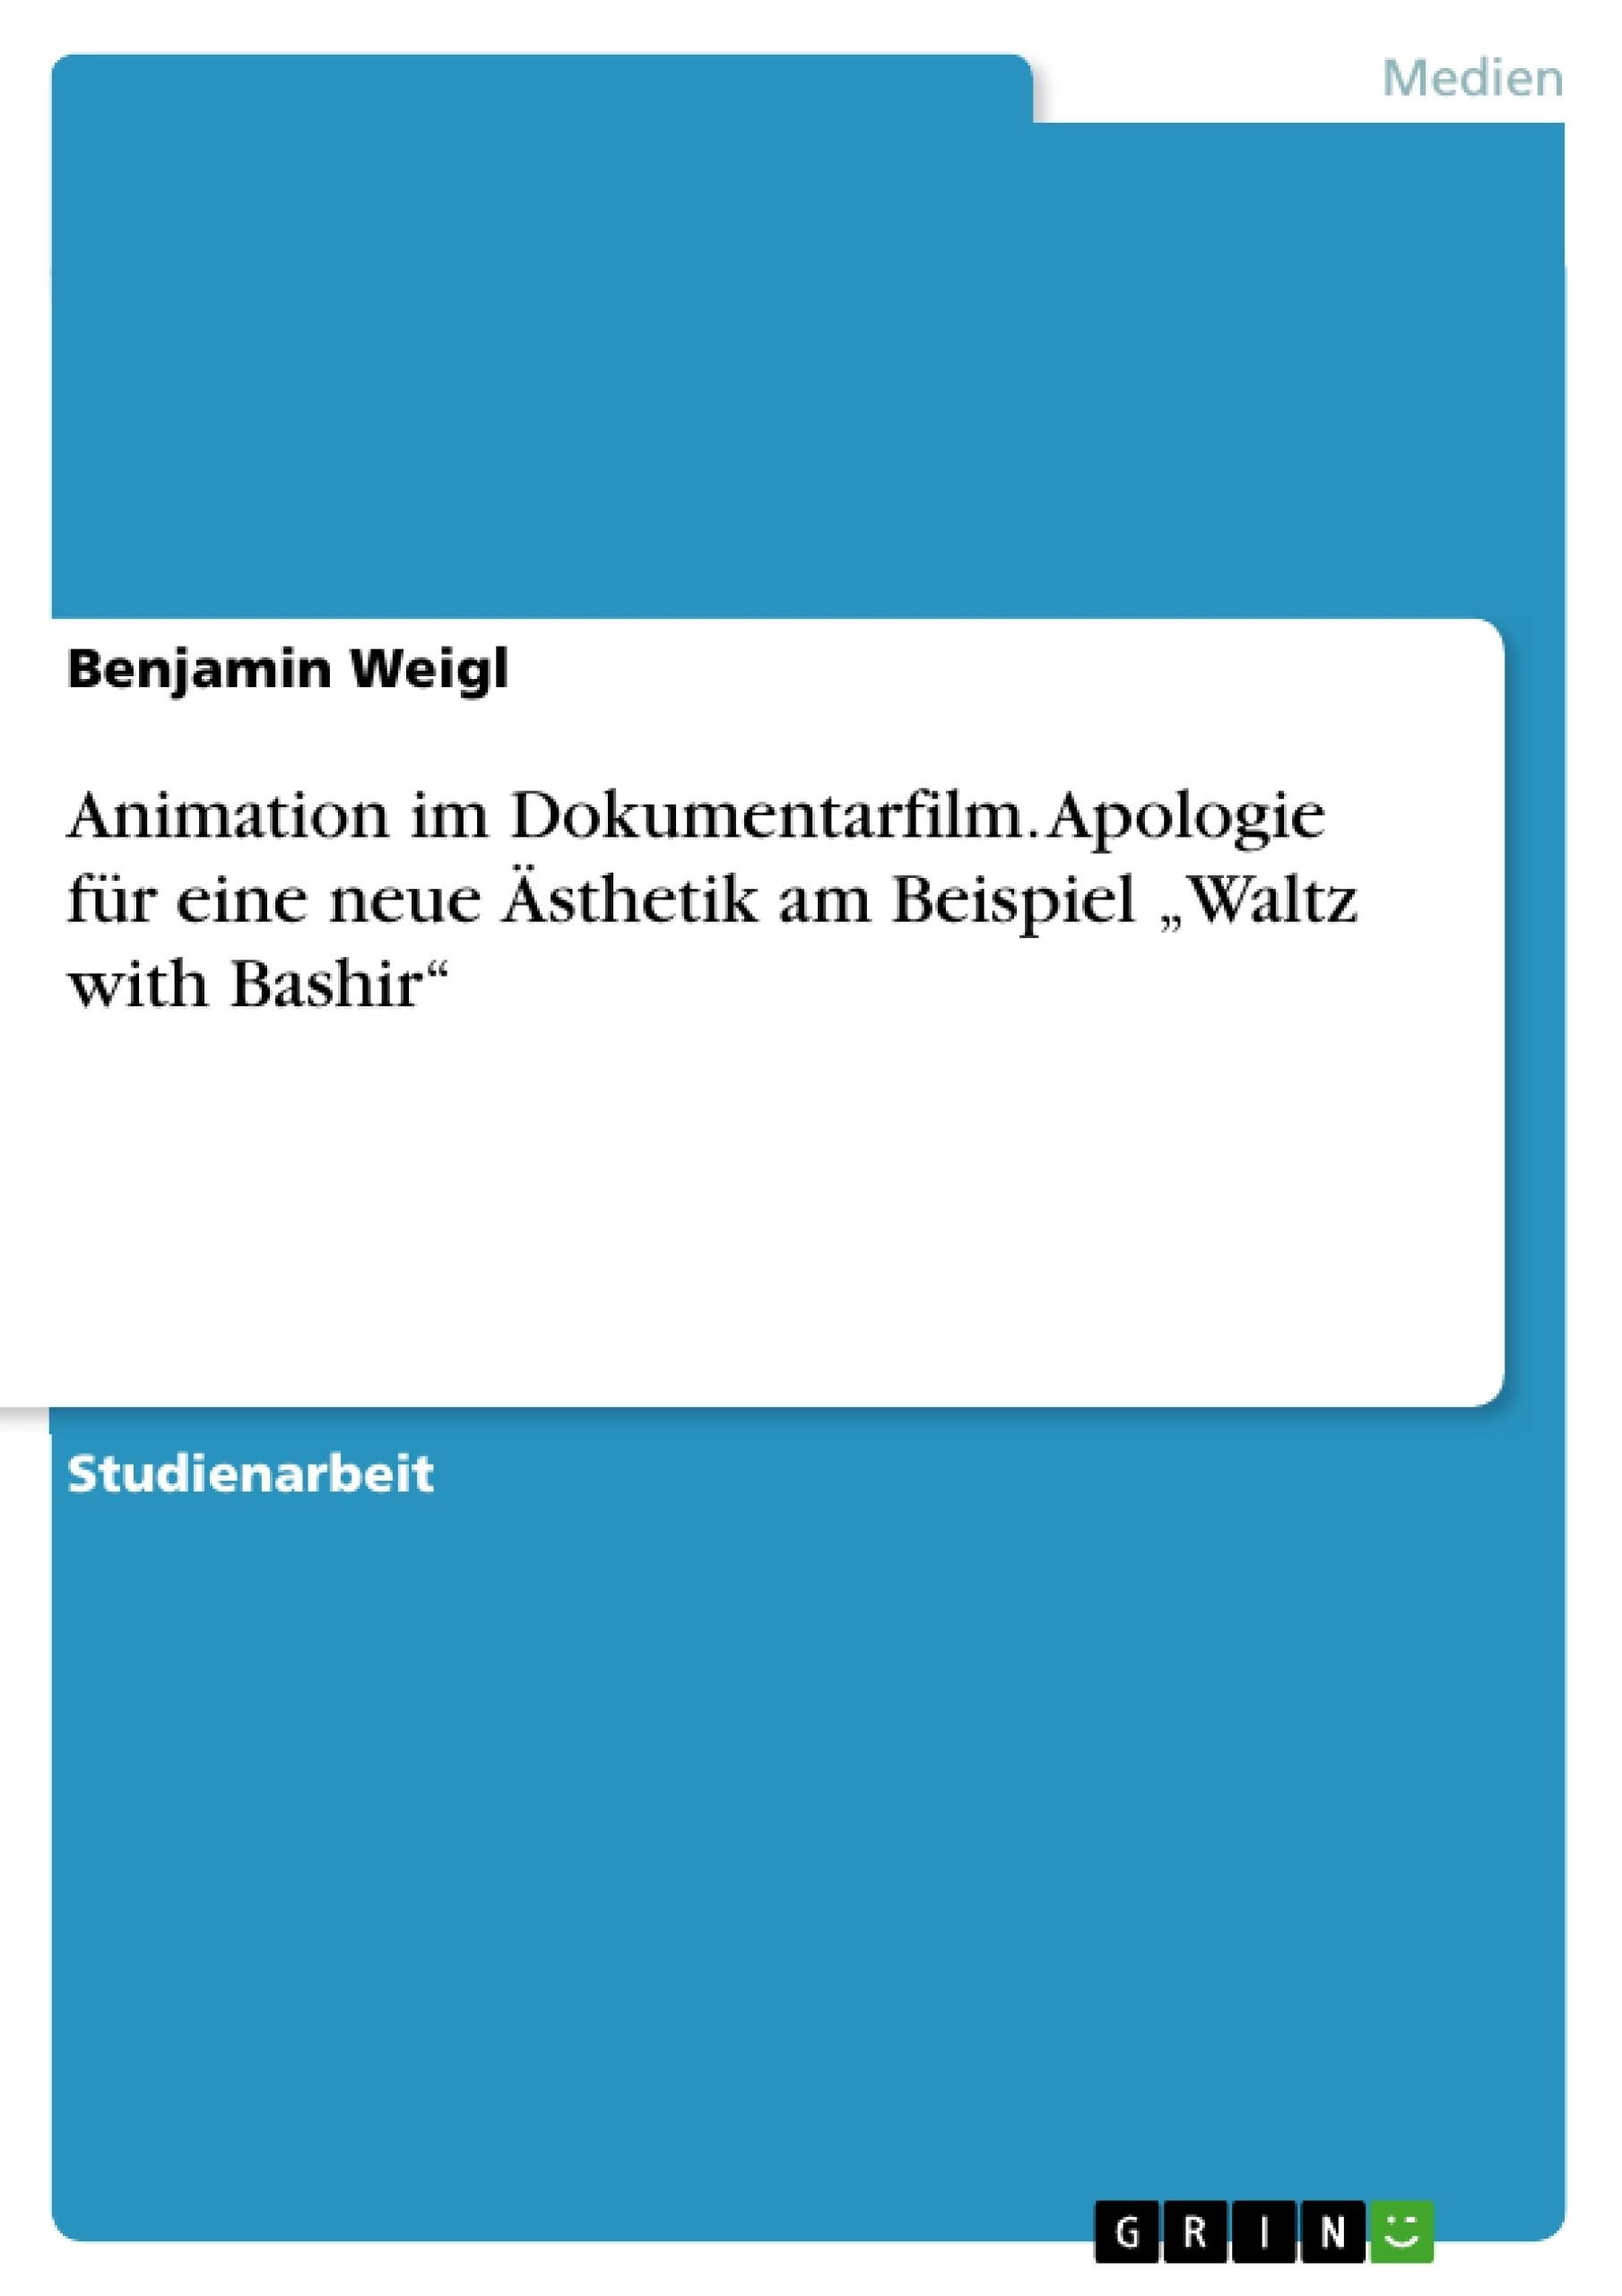 """GRIN - Animation im Dokumentarfilm. Apologie für eine neue Ästhetik am Beispiel """"Waltz with Bashir"""""""